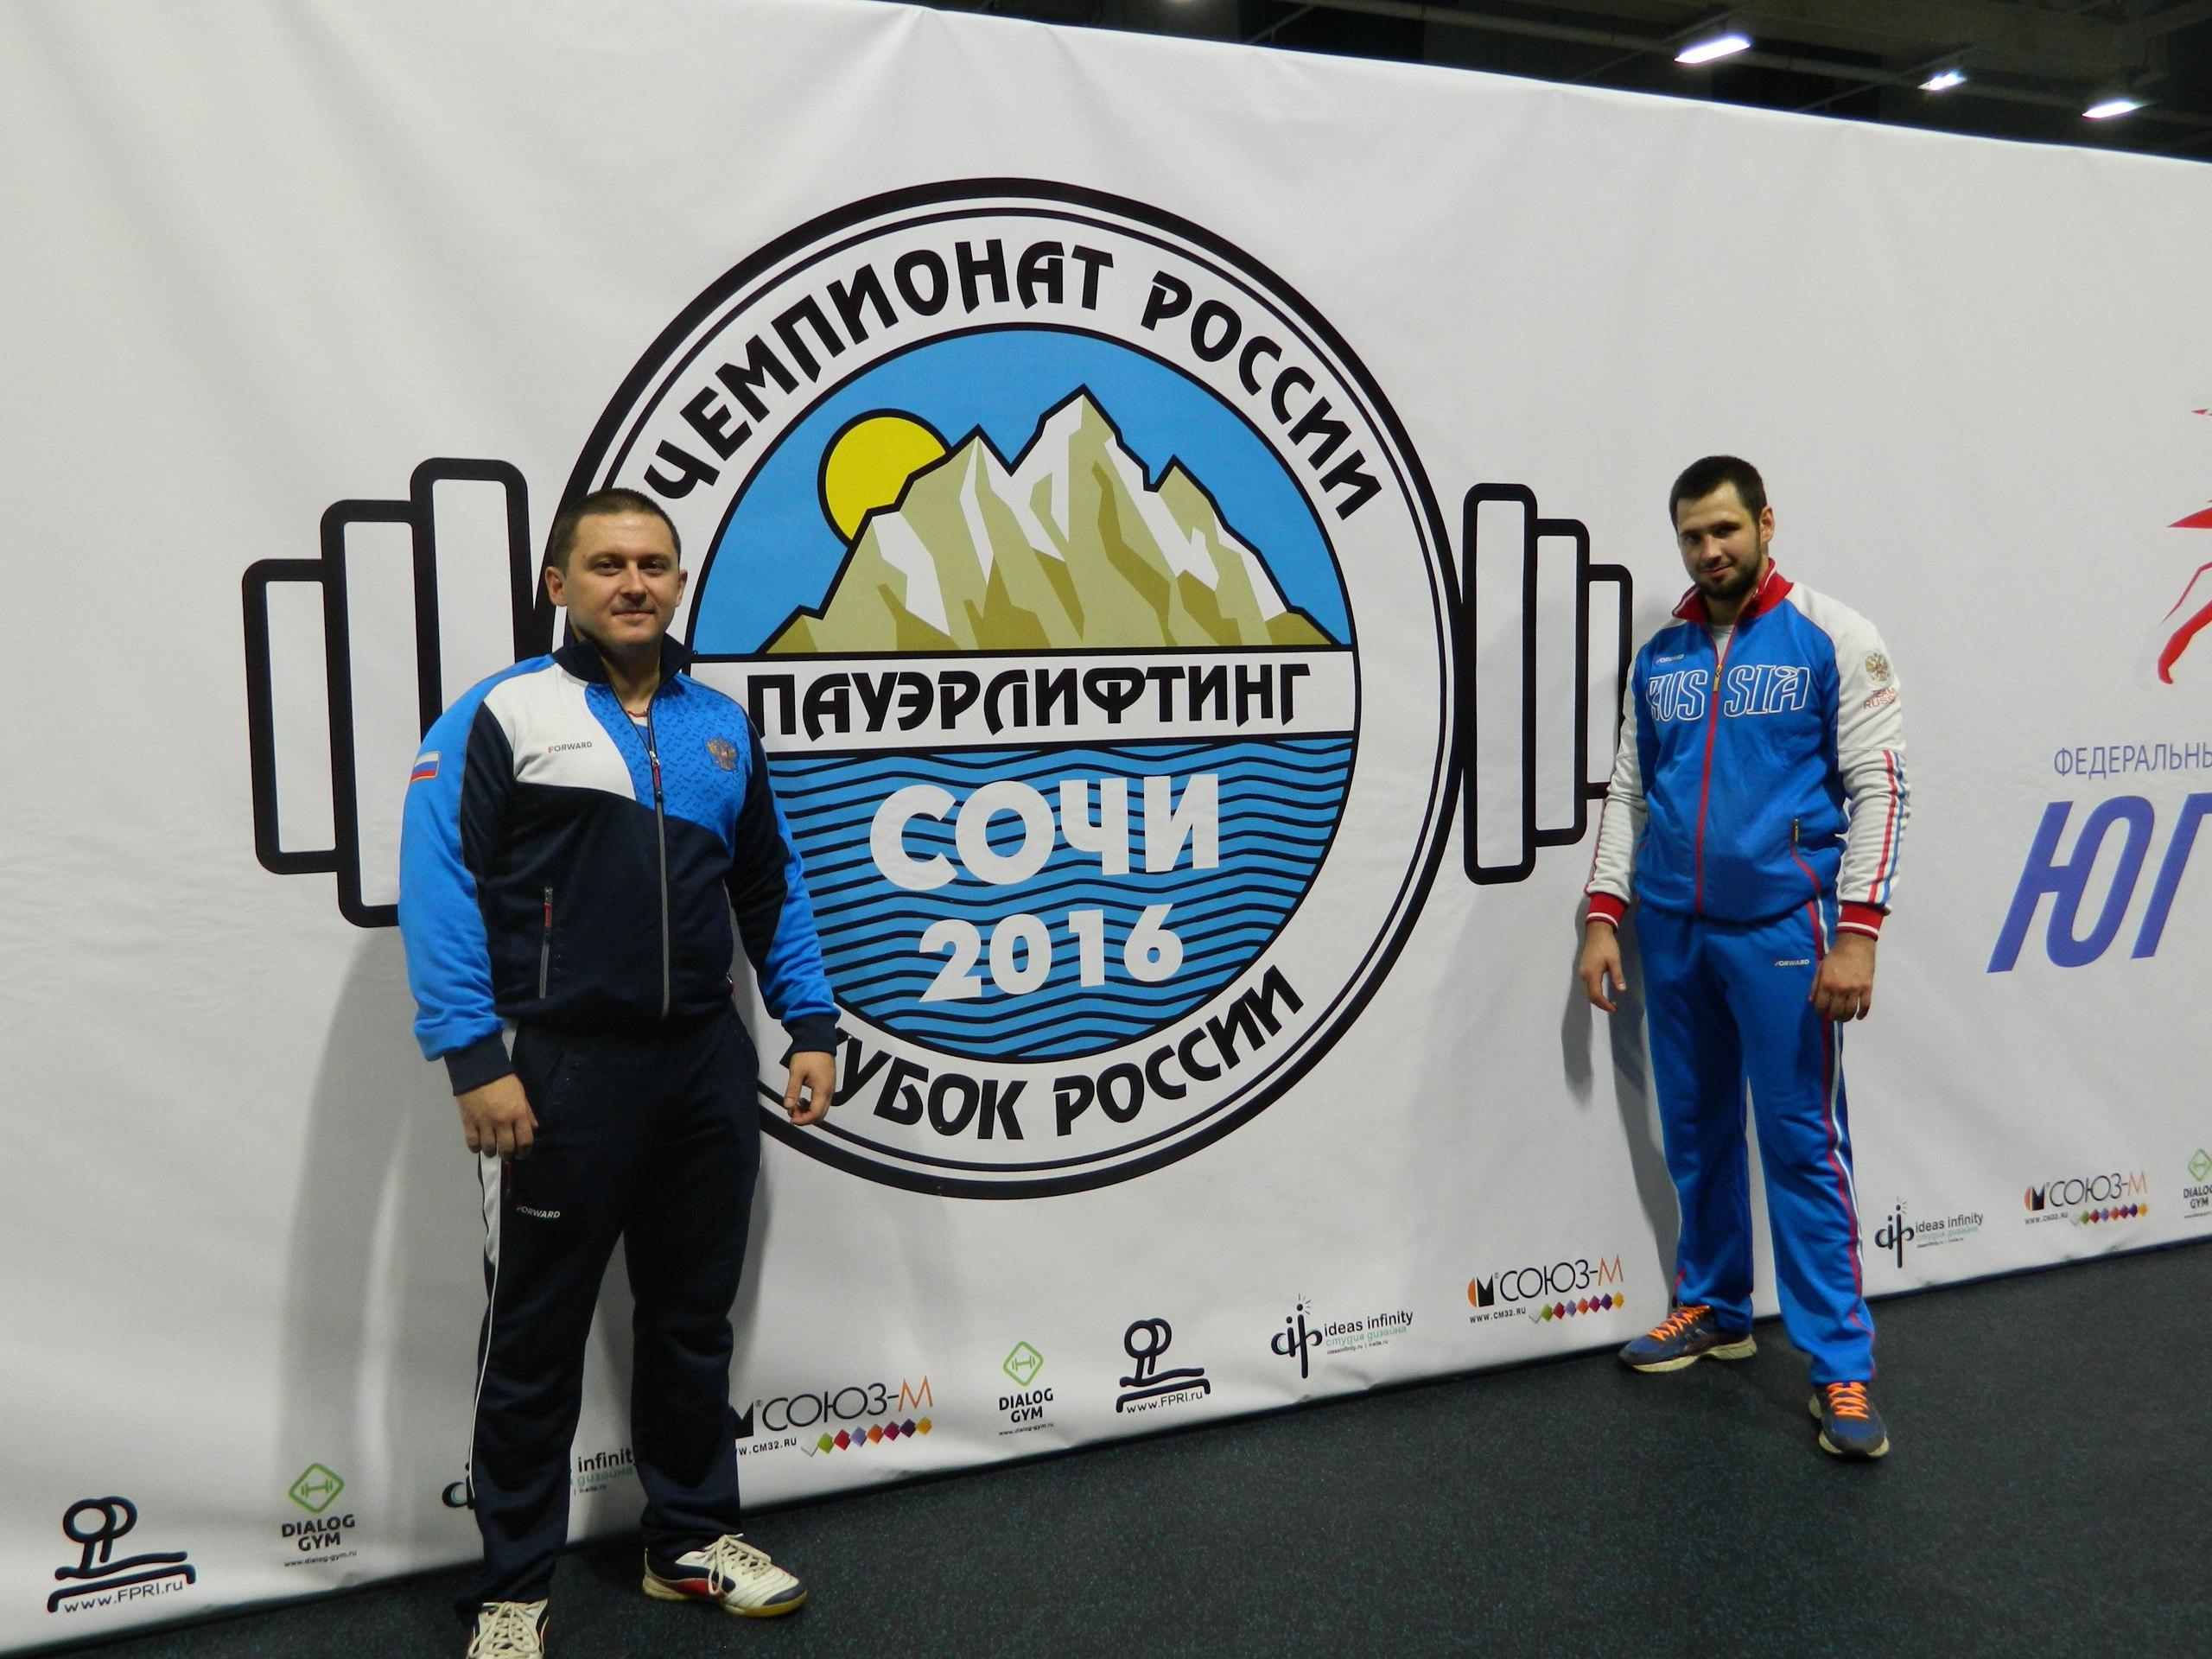 Тамбовские спортсмены стали призерами кубка РФ ичемпионата Российской Федерации попауэрлифтингу